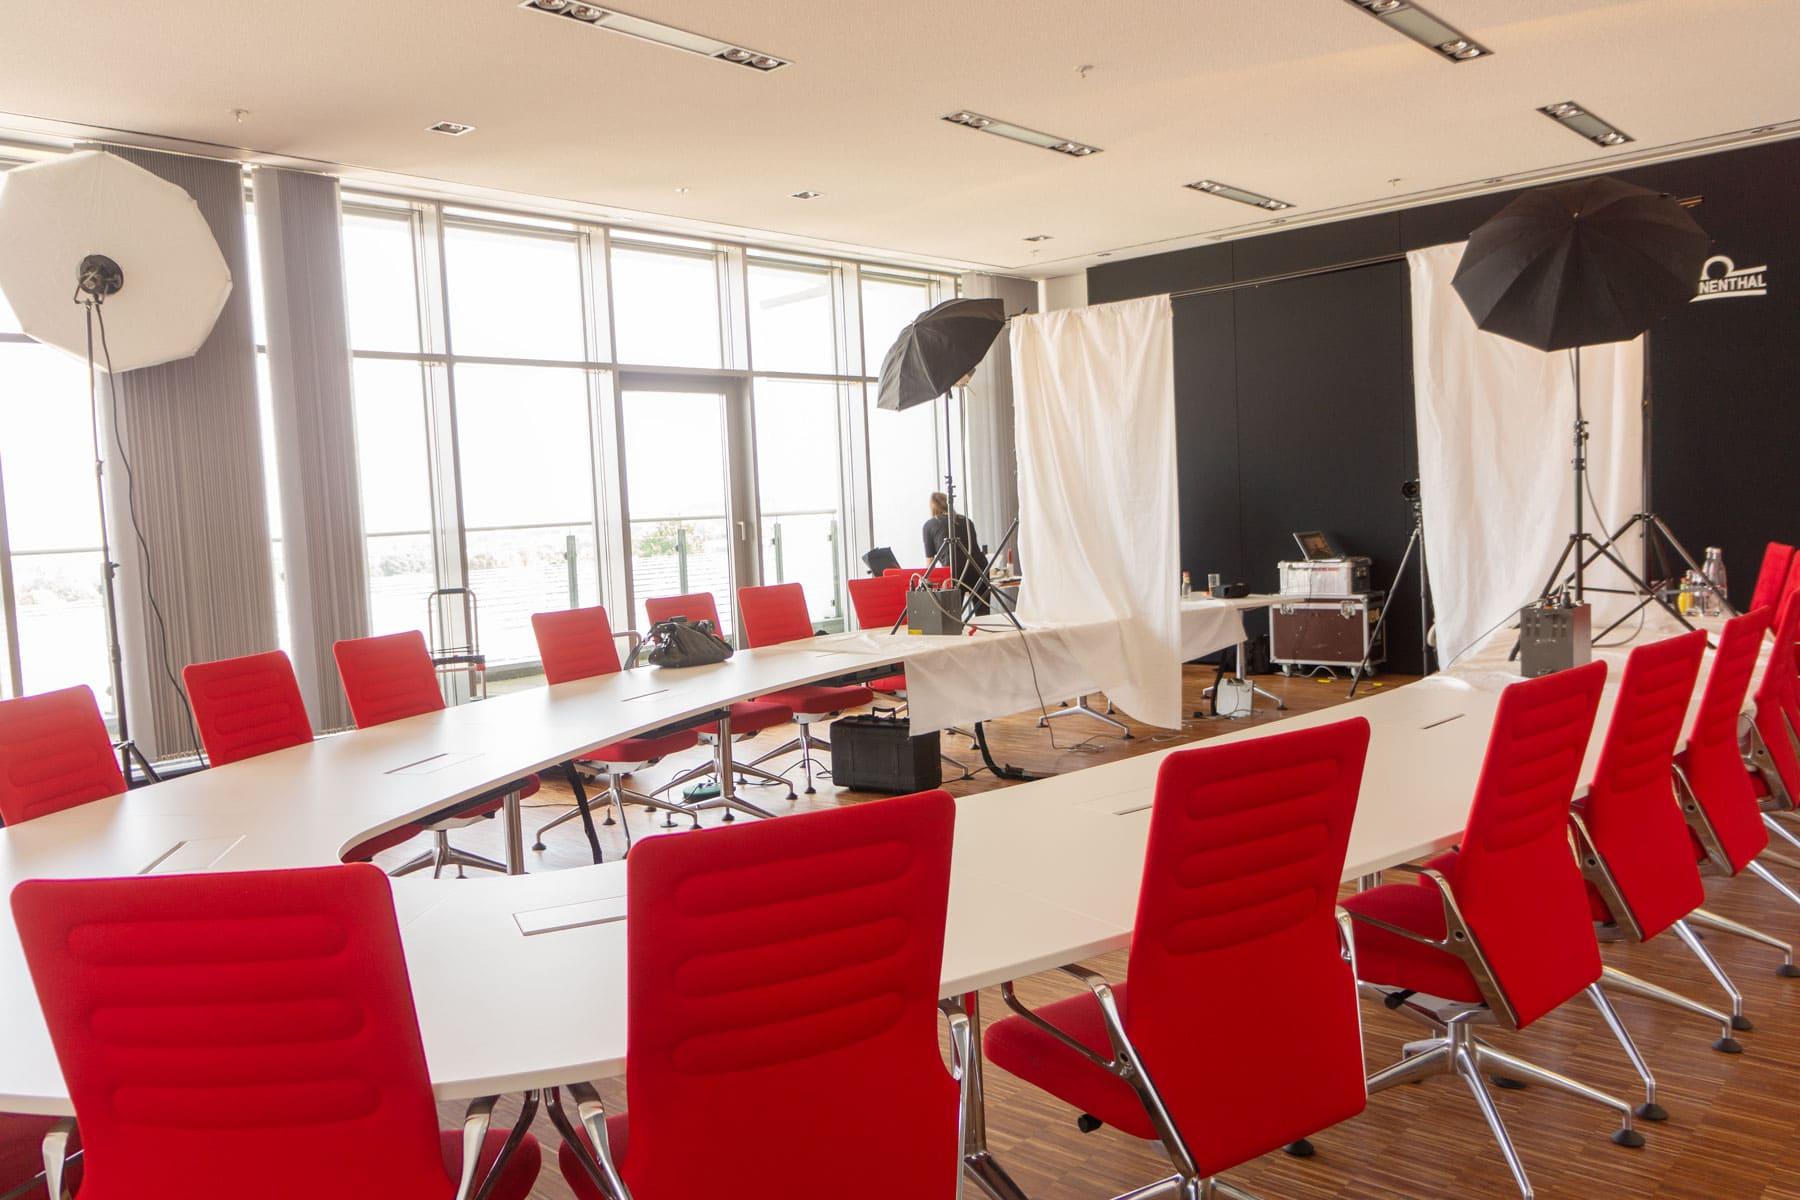 Fotoaufbau in einem lichten Konferenzraum